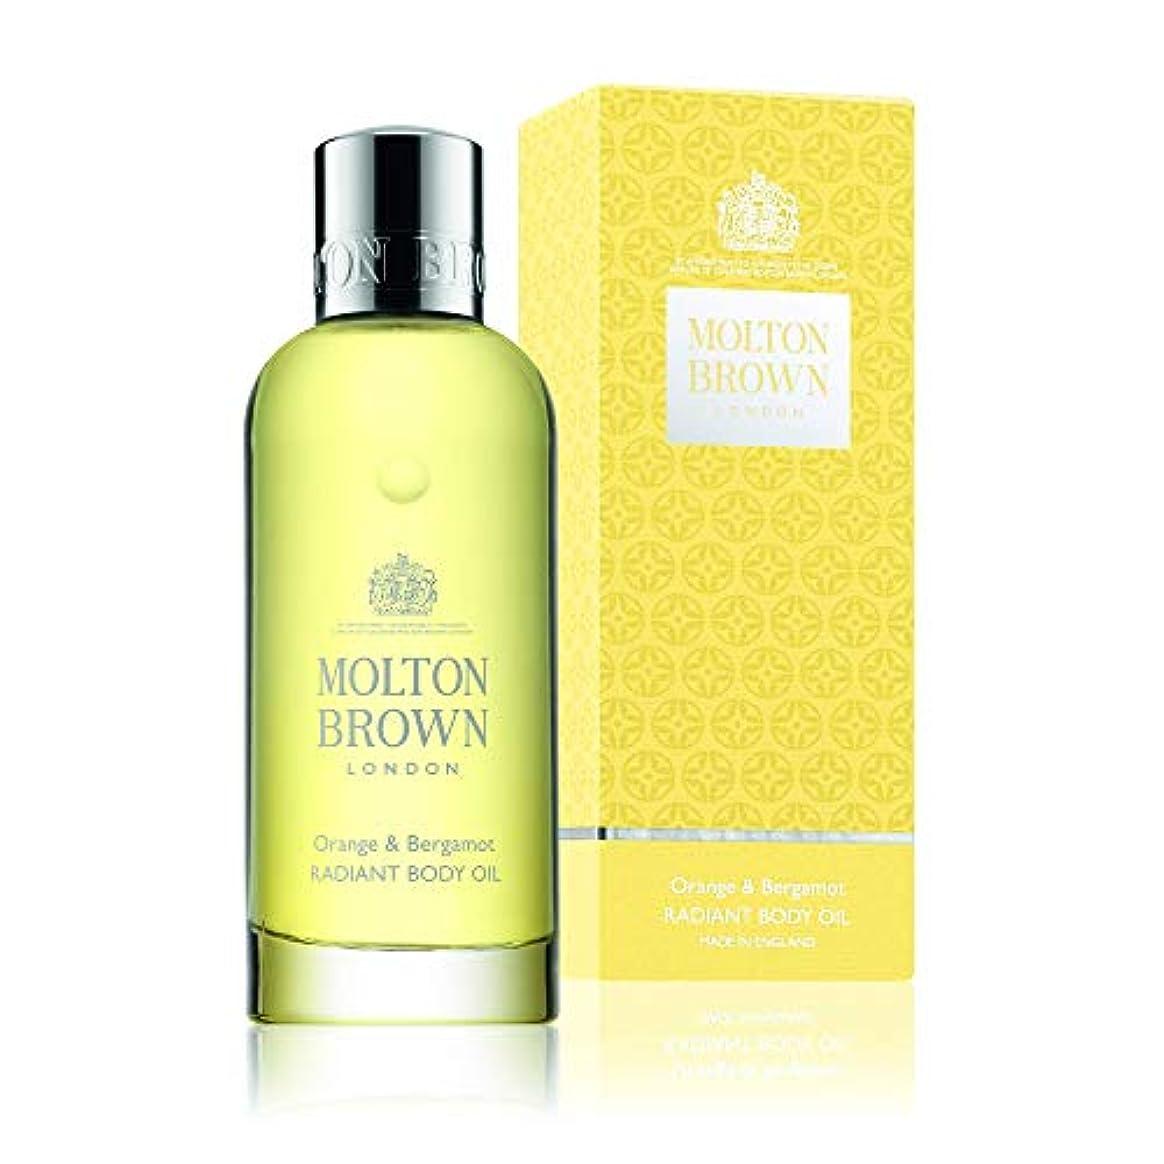 MOLTON BROWN(モルトンブラウン) オレンジ&ベルガモット コレクション O&B ボディオイル